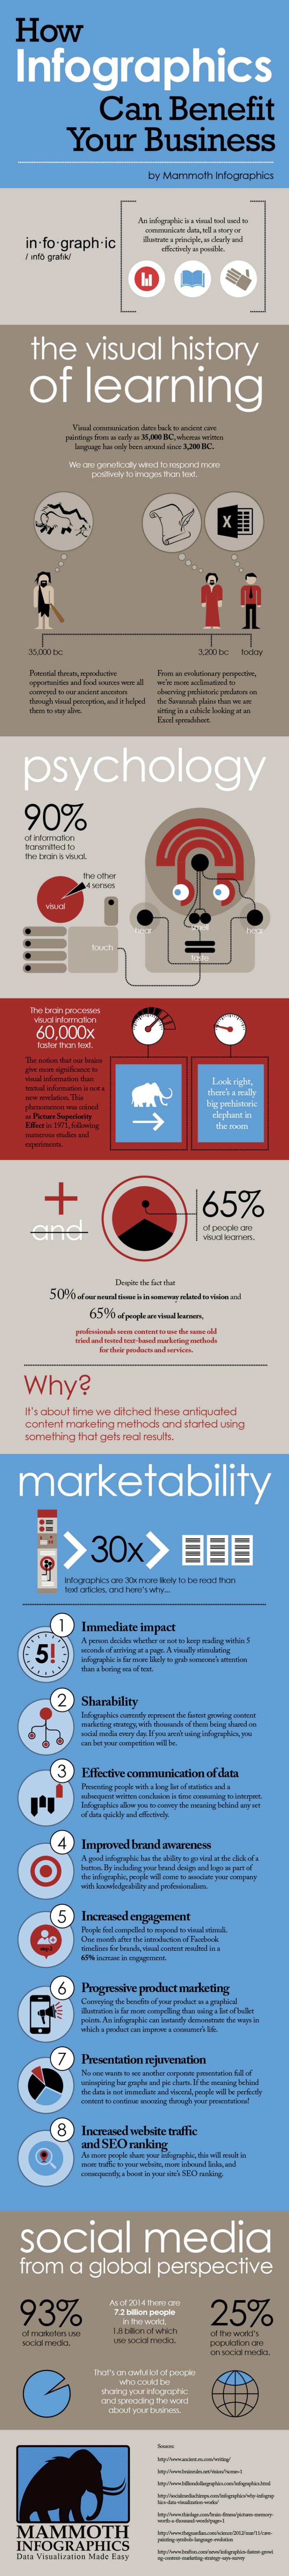 Cómo las infografías pueden ayudar a tu empresa